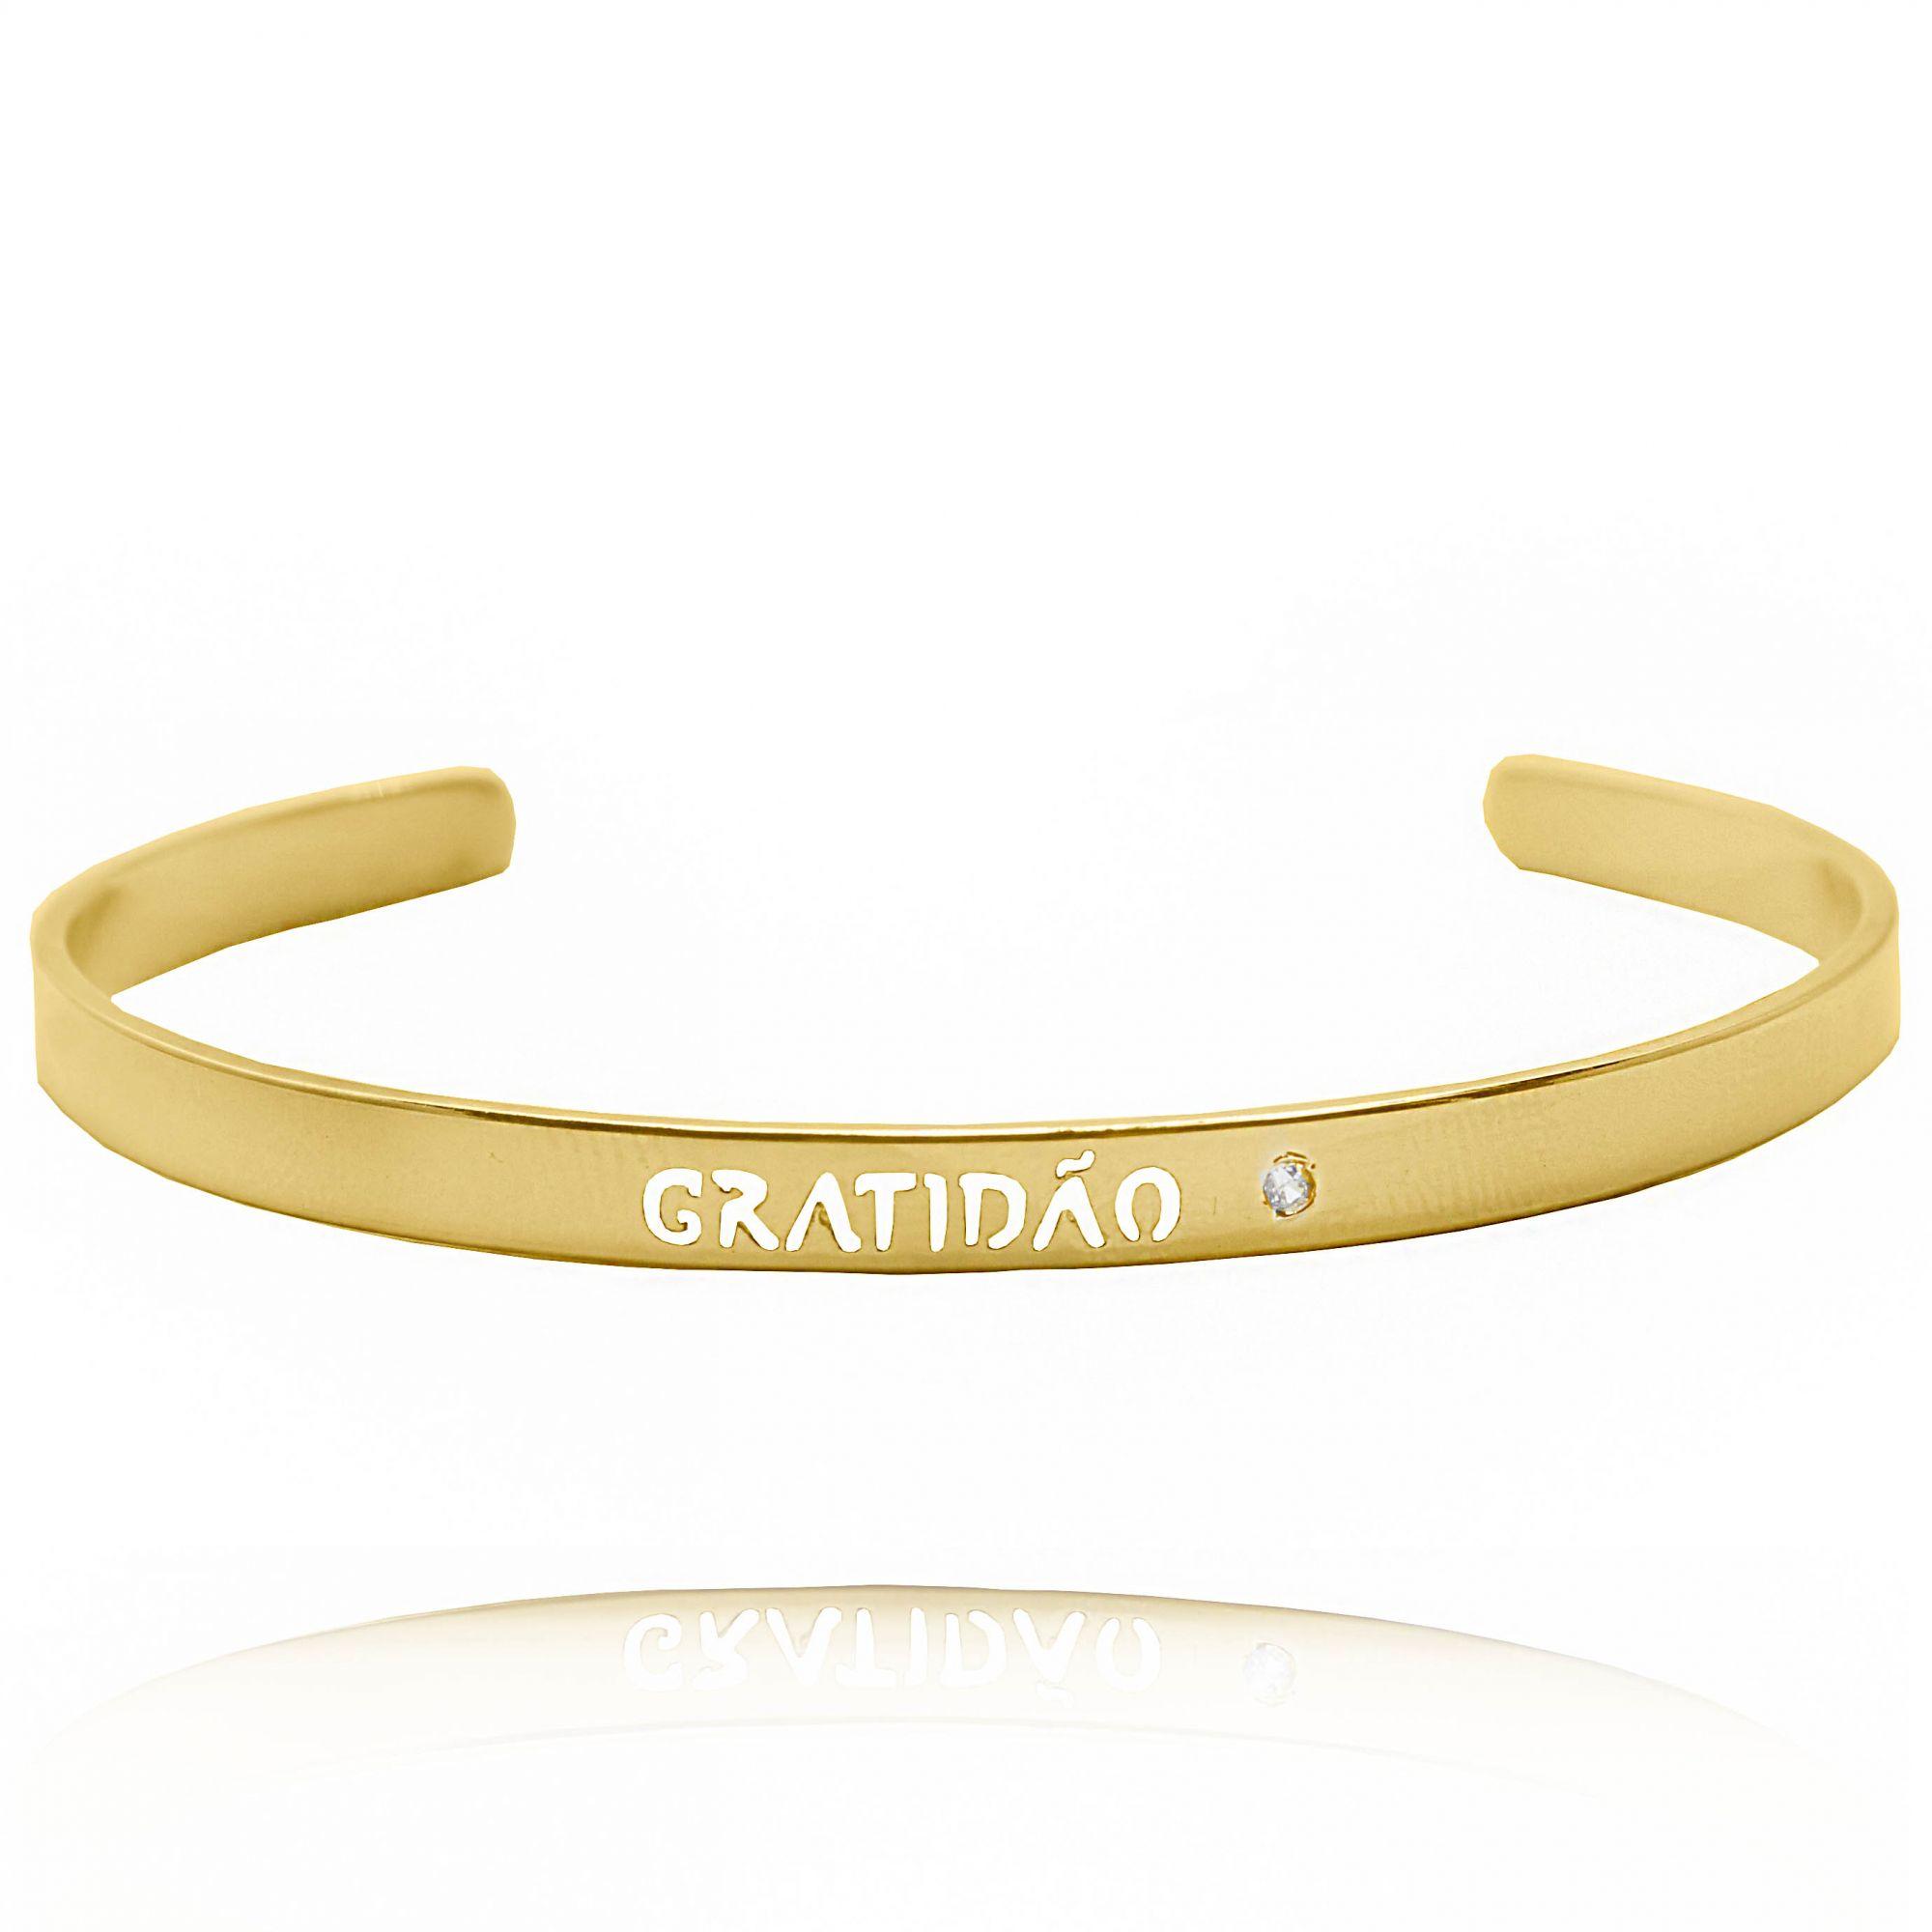 Bracelete Gratidão Folheado a Ouro 18k